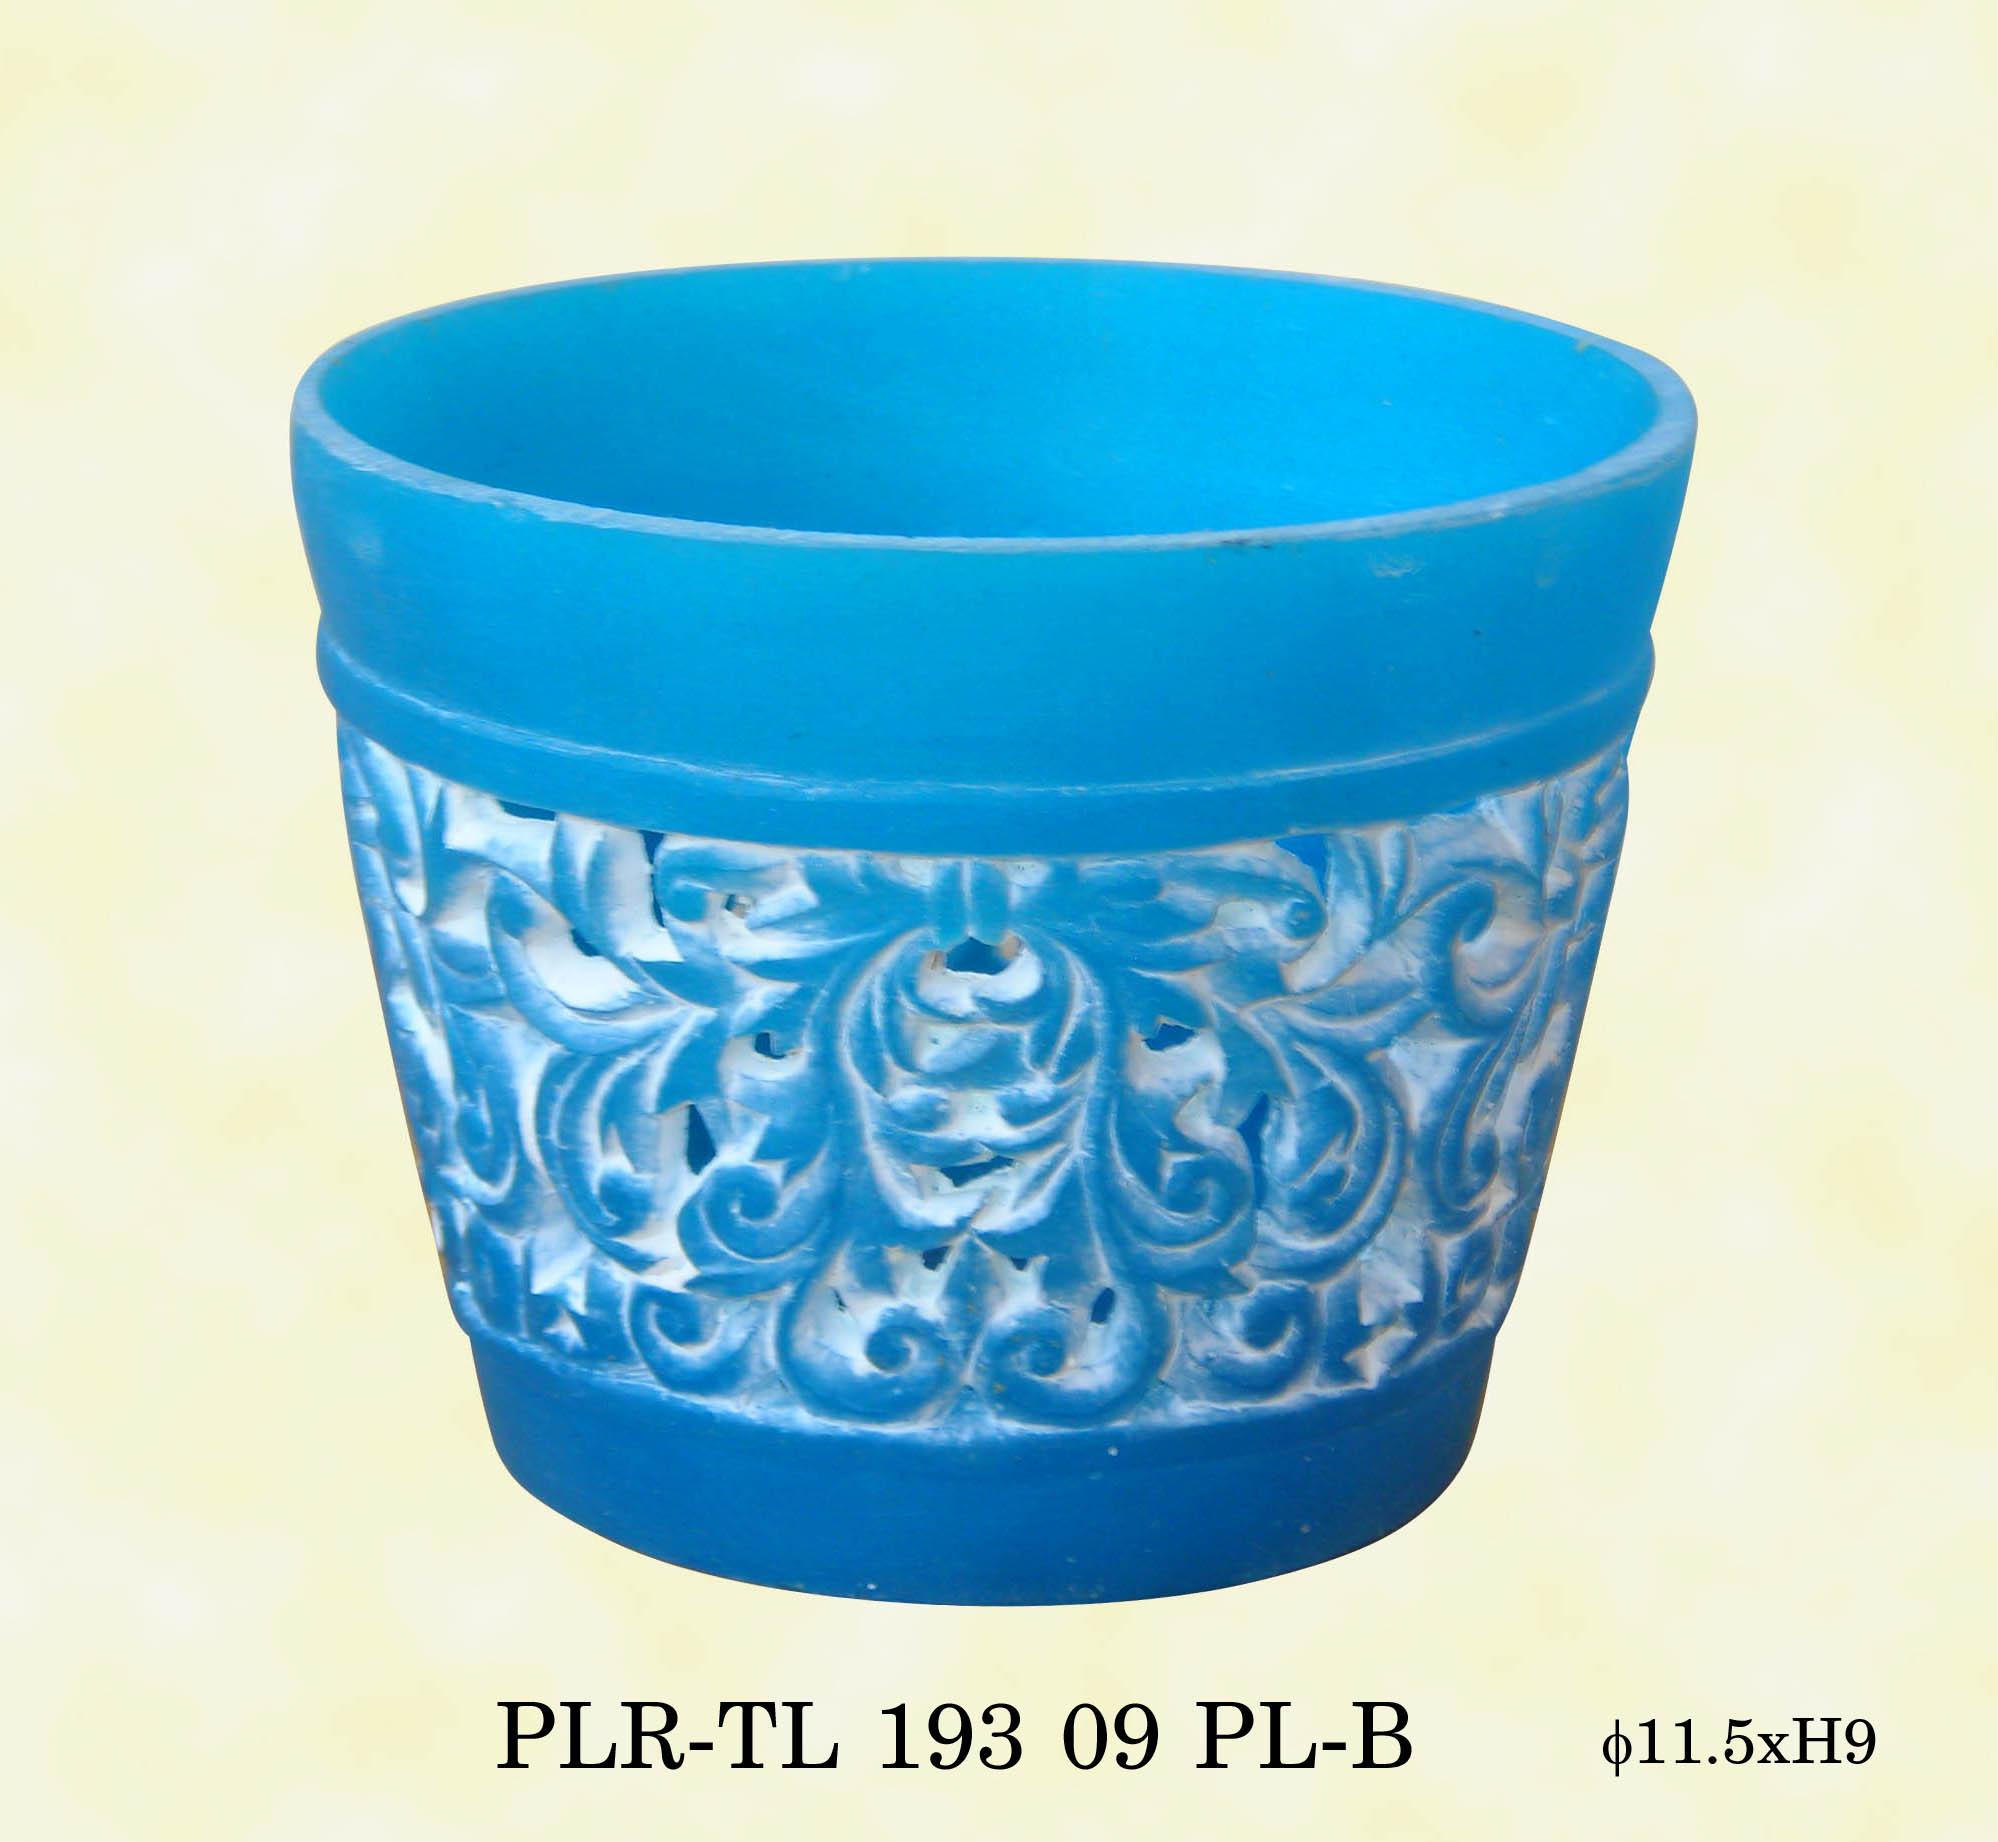 PLR-TL 193 09 PL Blue.jpg